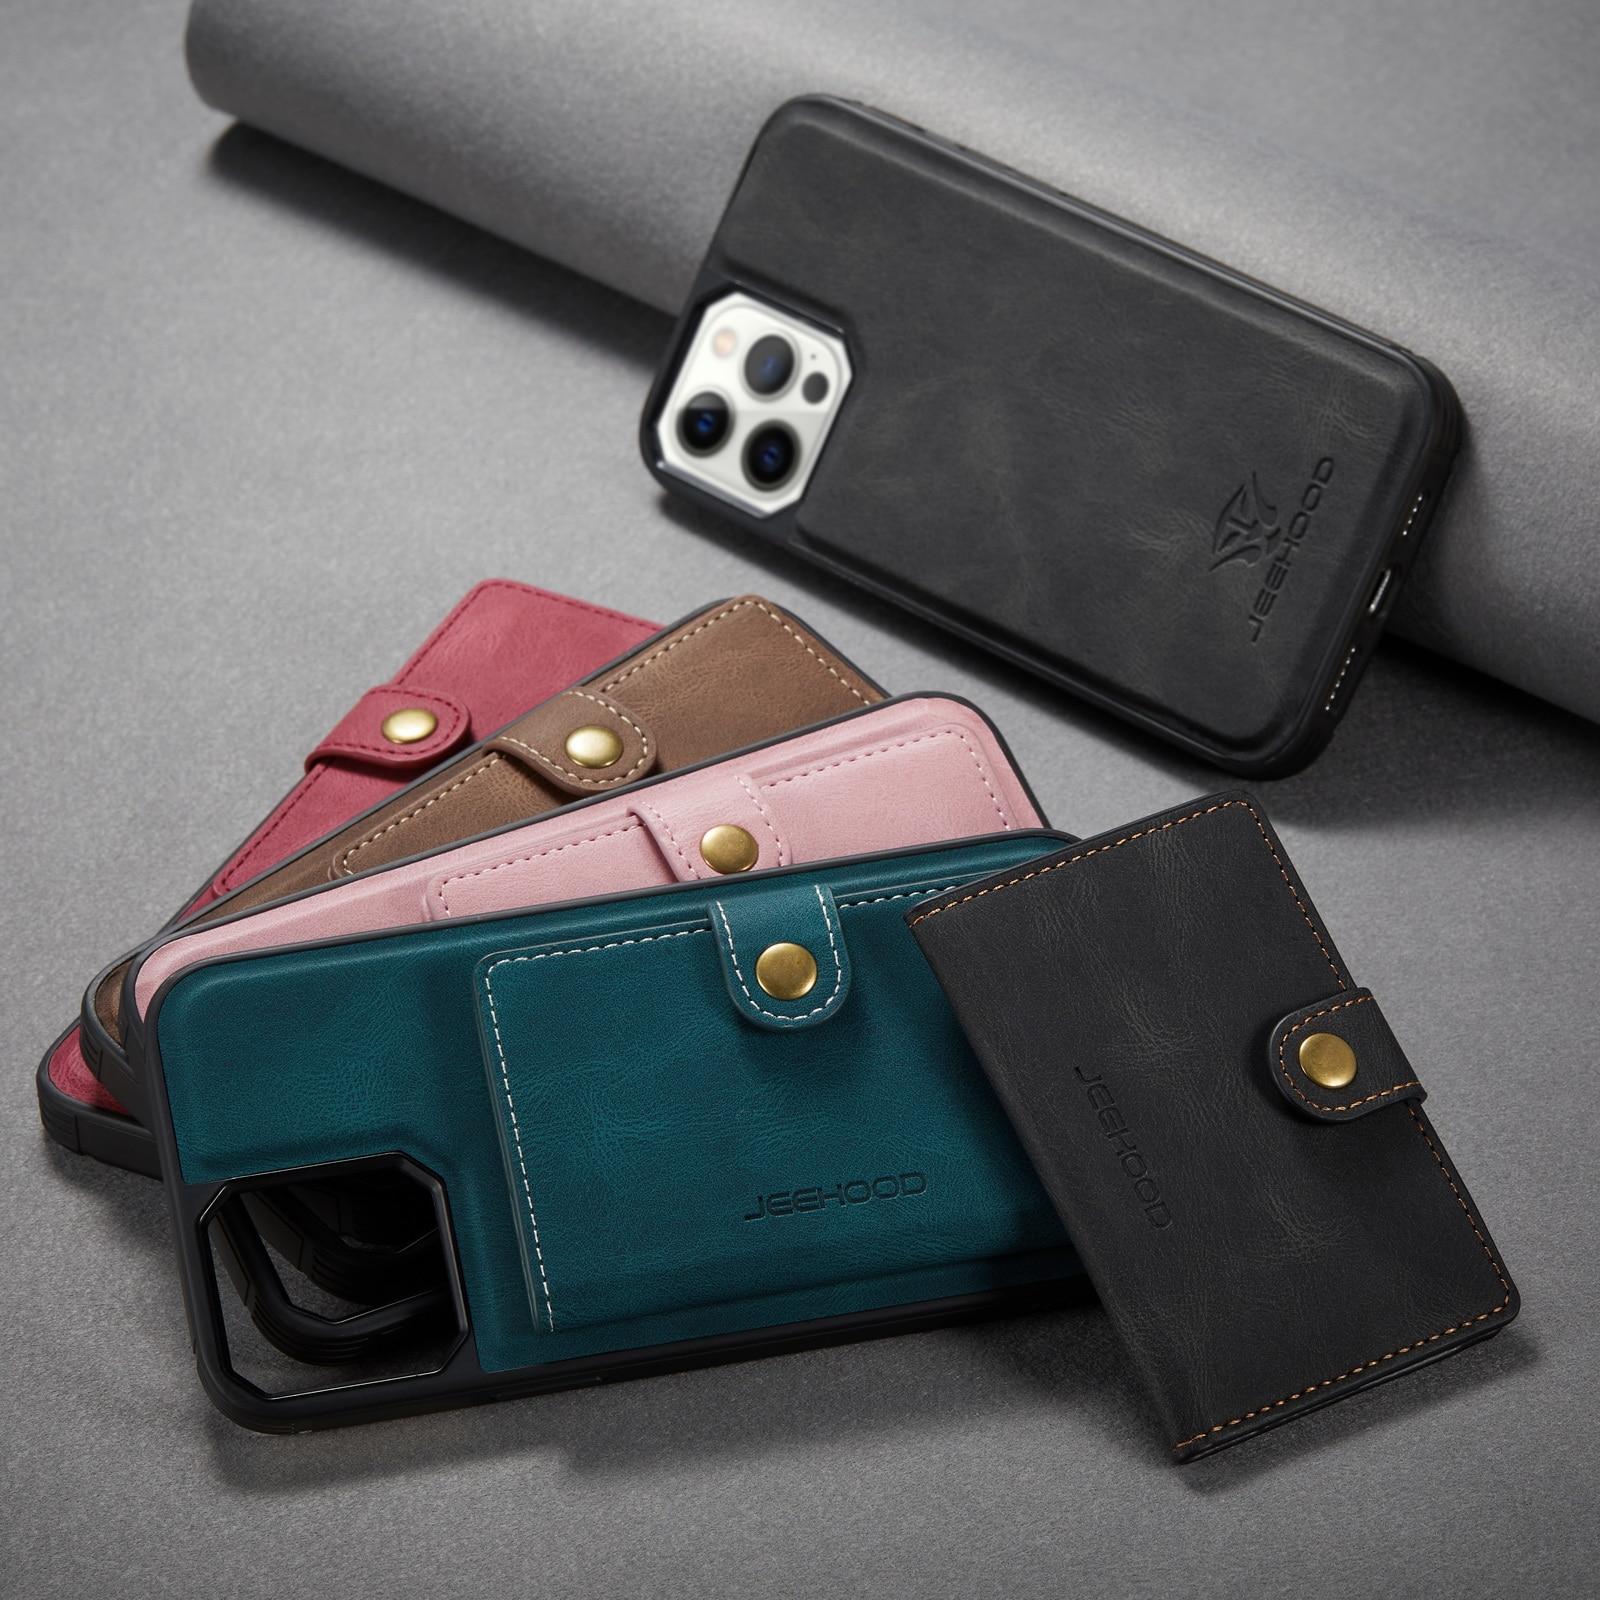 Hced5ebe7942c4439895b8361c8aa6d8fd Capinha case Capa traseira para o iphone 12 11 pro max xs xr x se 2020 8 7 plus caso do telefone com suporte de cartão de couro magnético destacável carteira saco